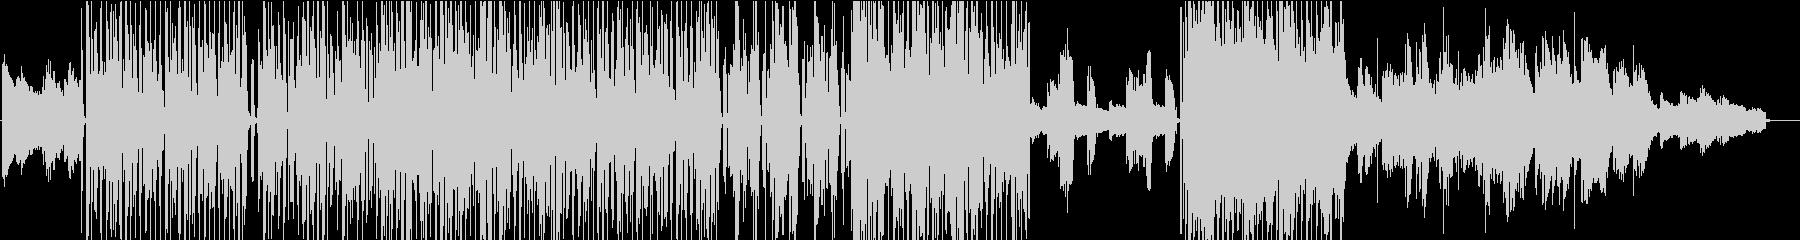 エレクトロファンク、女性ボーカル英語詞の未再生の波形